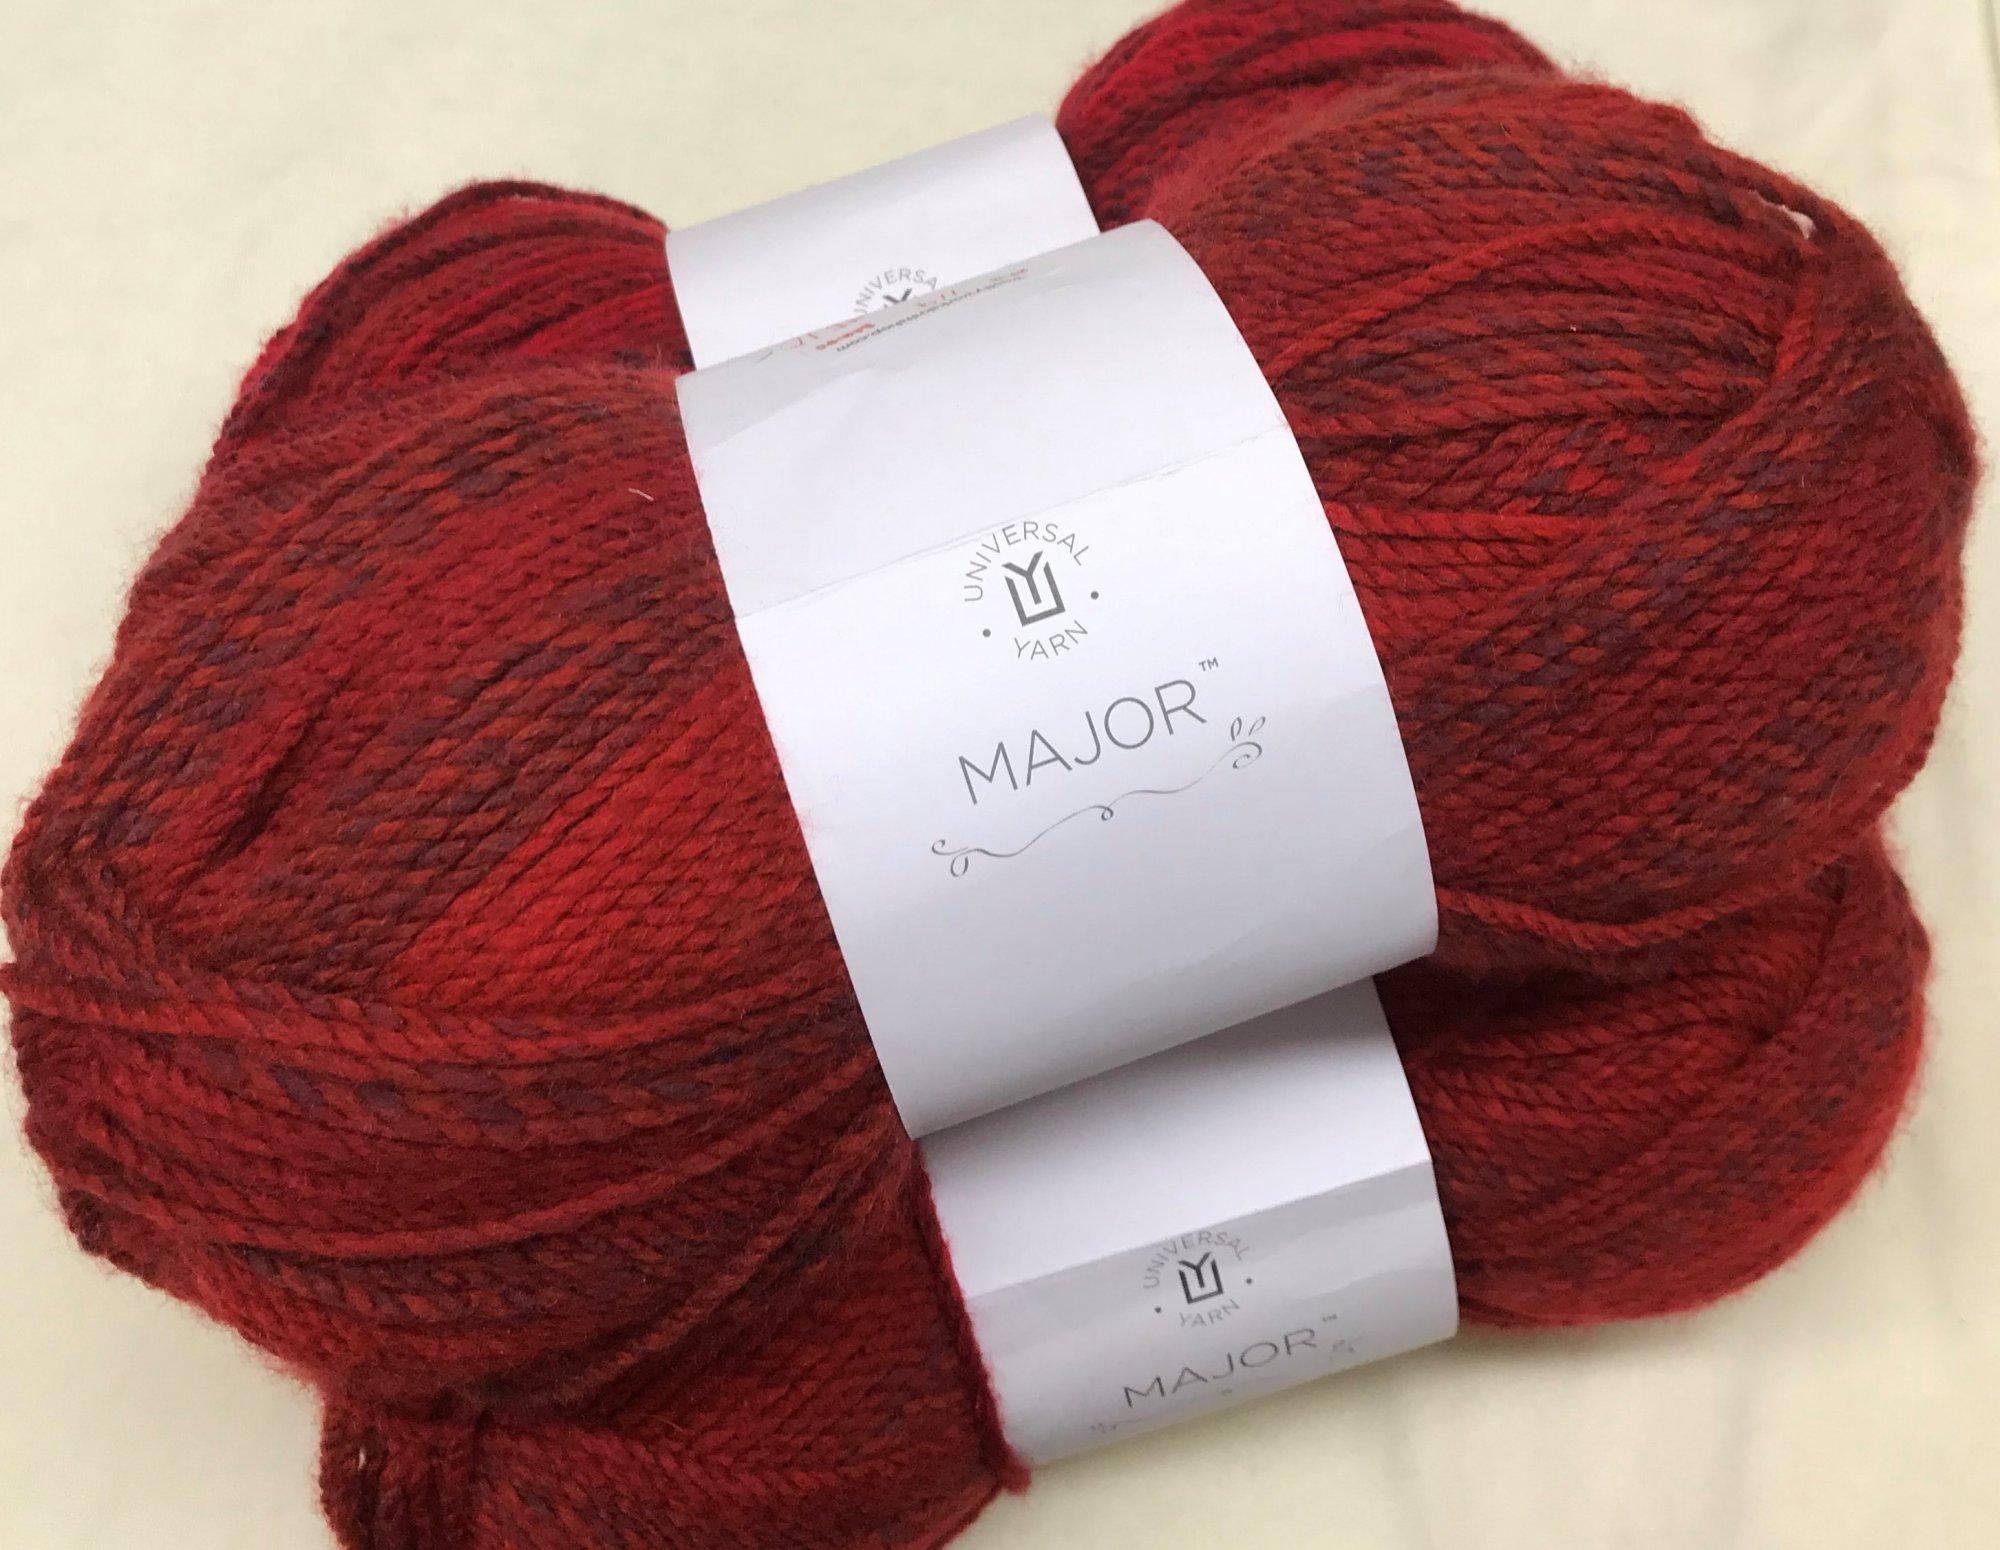 Crimson 119, Major Bulky 100% Soft Acrylic, 328yds 6mm Hook or Needle